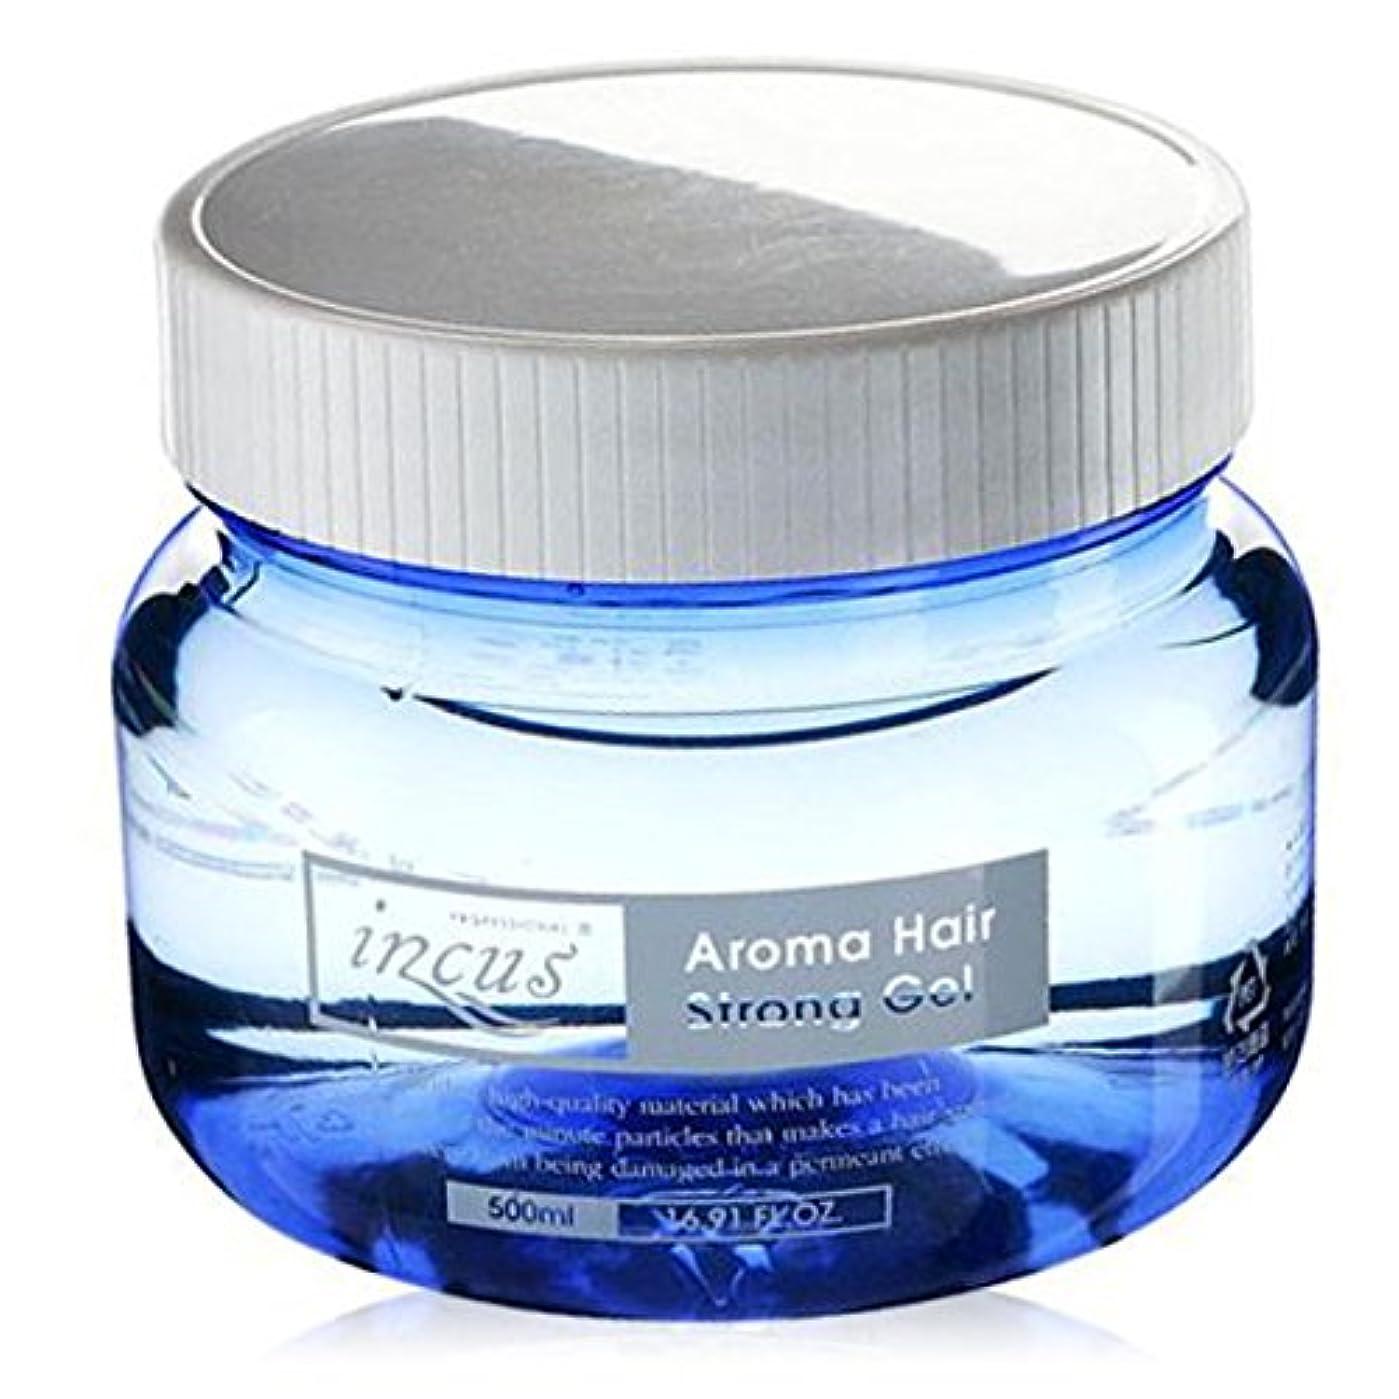 クラシックパキスタン人赤[Somang/希望] Incus Aroma Hair Strong Gel 500ml/希望のキュスアロマヘアストロングジェル(海外直送品)